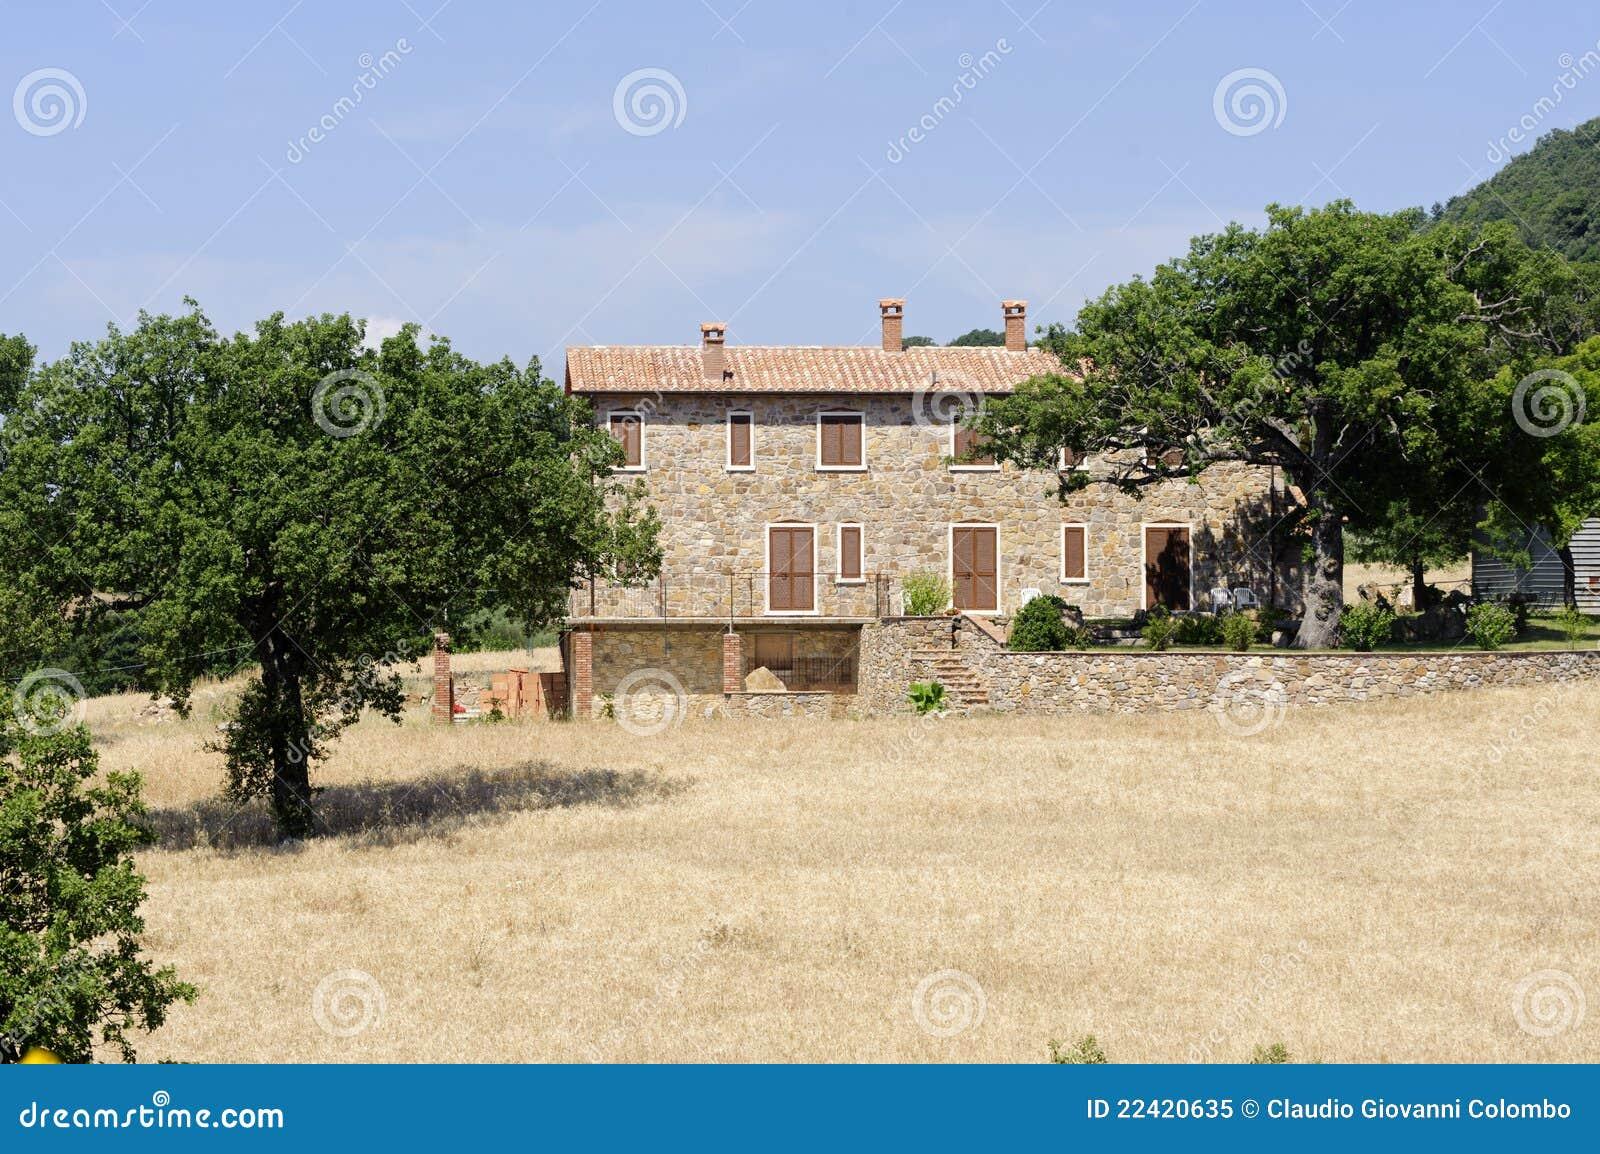 Casa di campagna in maremma toscana fotografia stock for Casa di campagna toscana